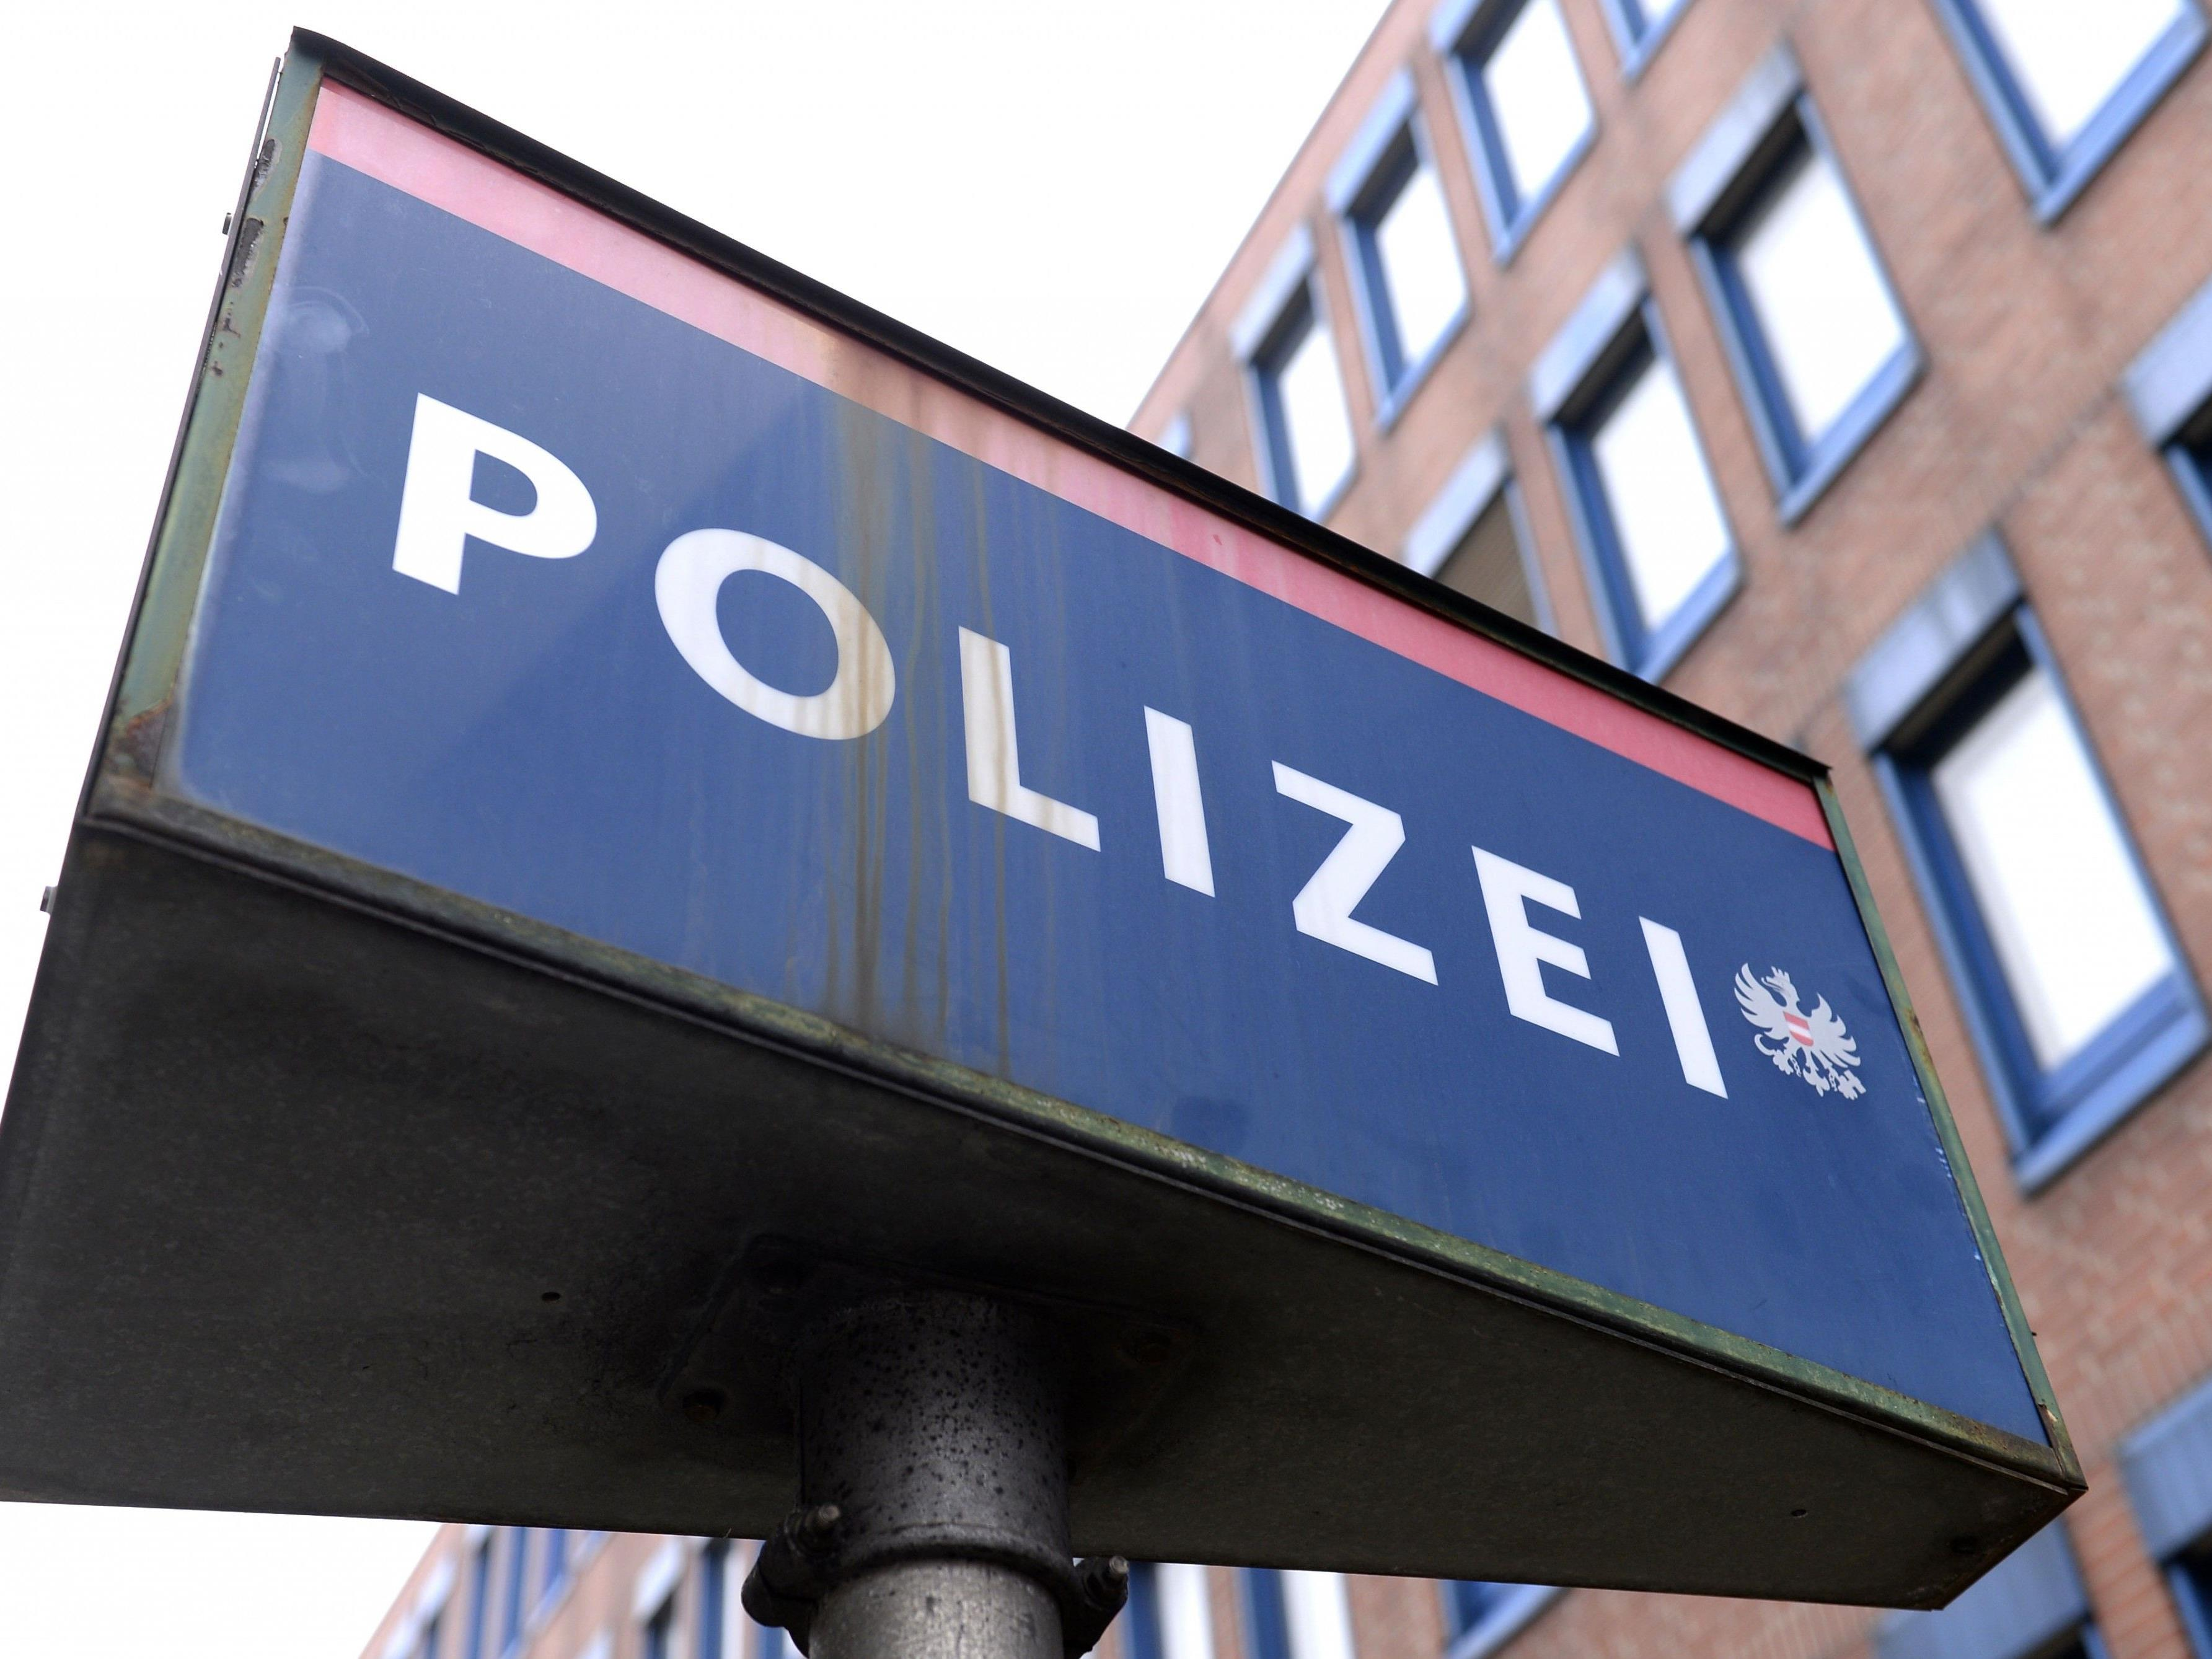 Das Mädchen wurde erneut polizeilich einvernommen